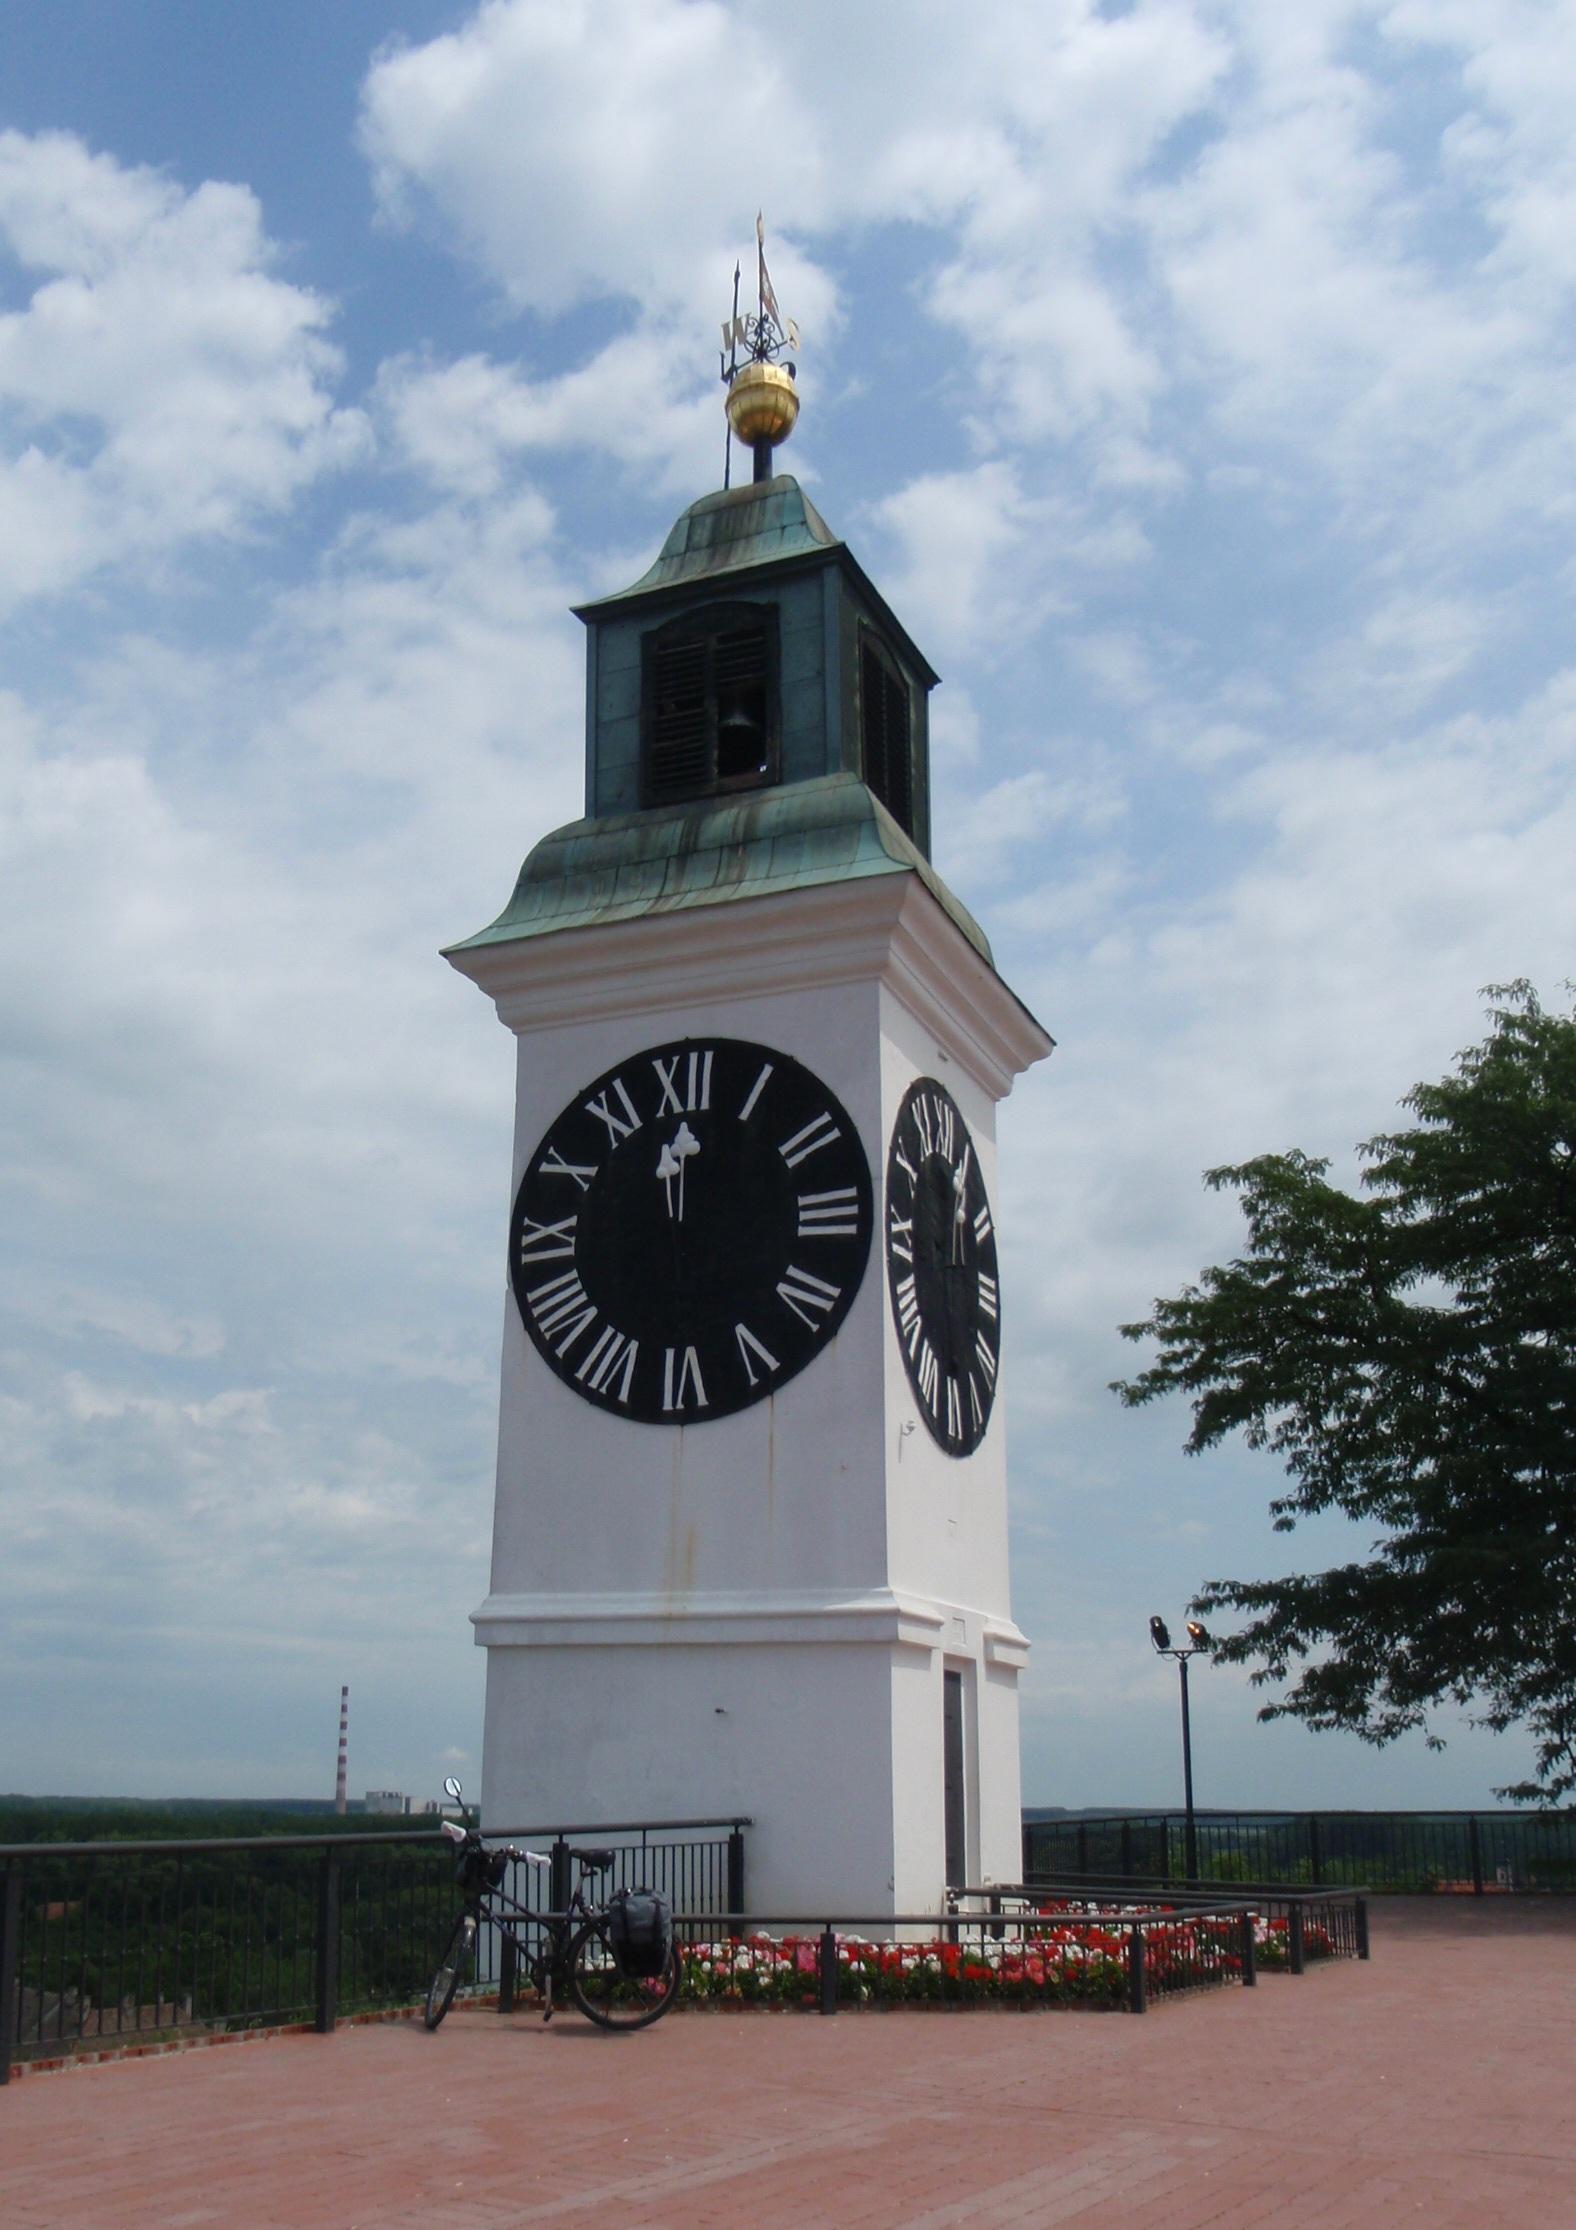 Drunken Clock